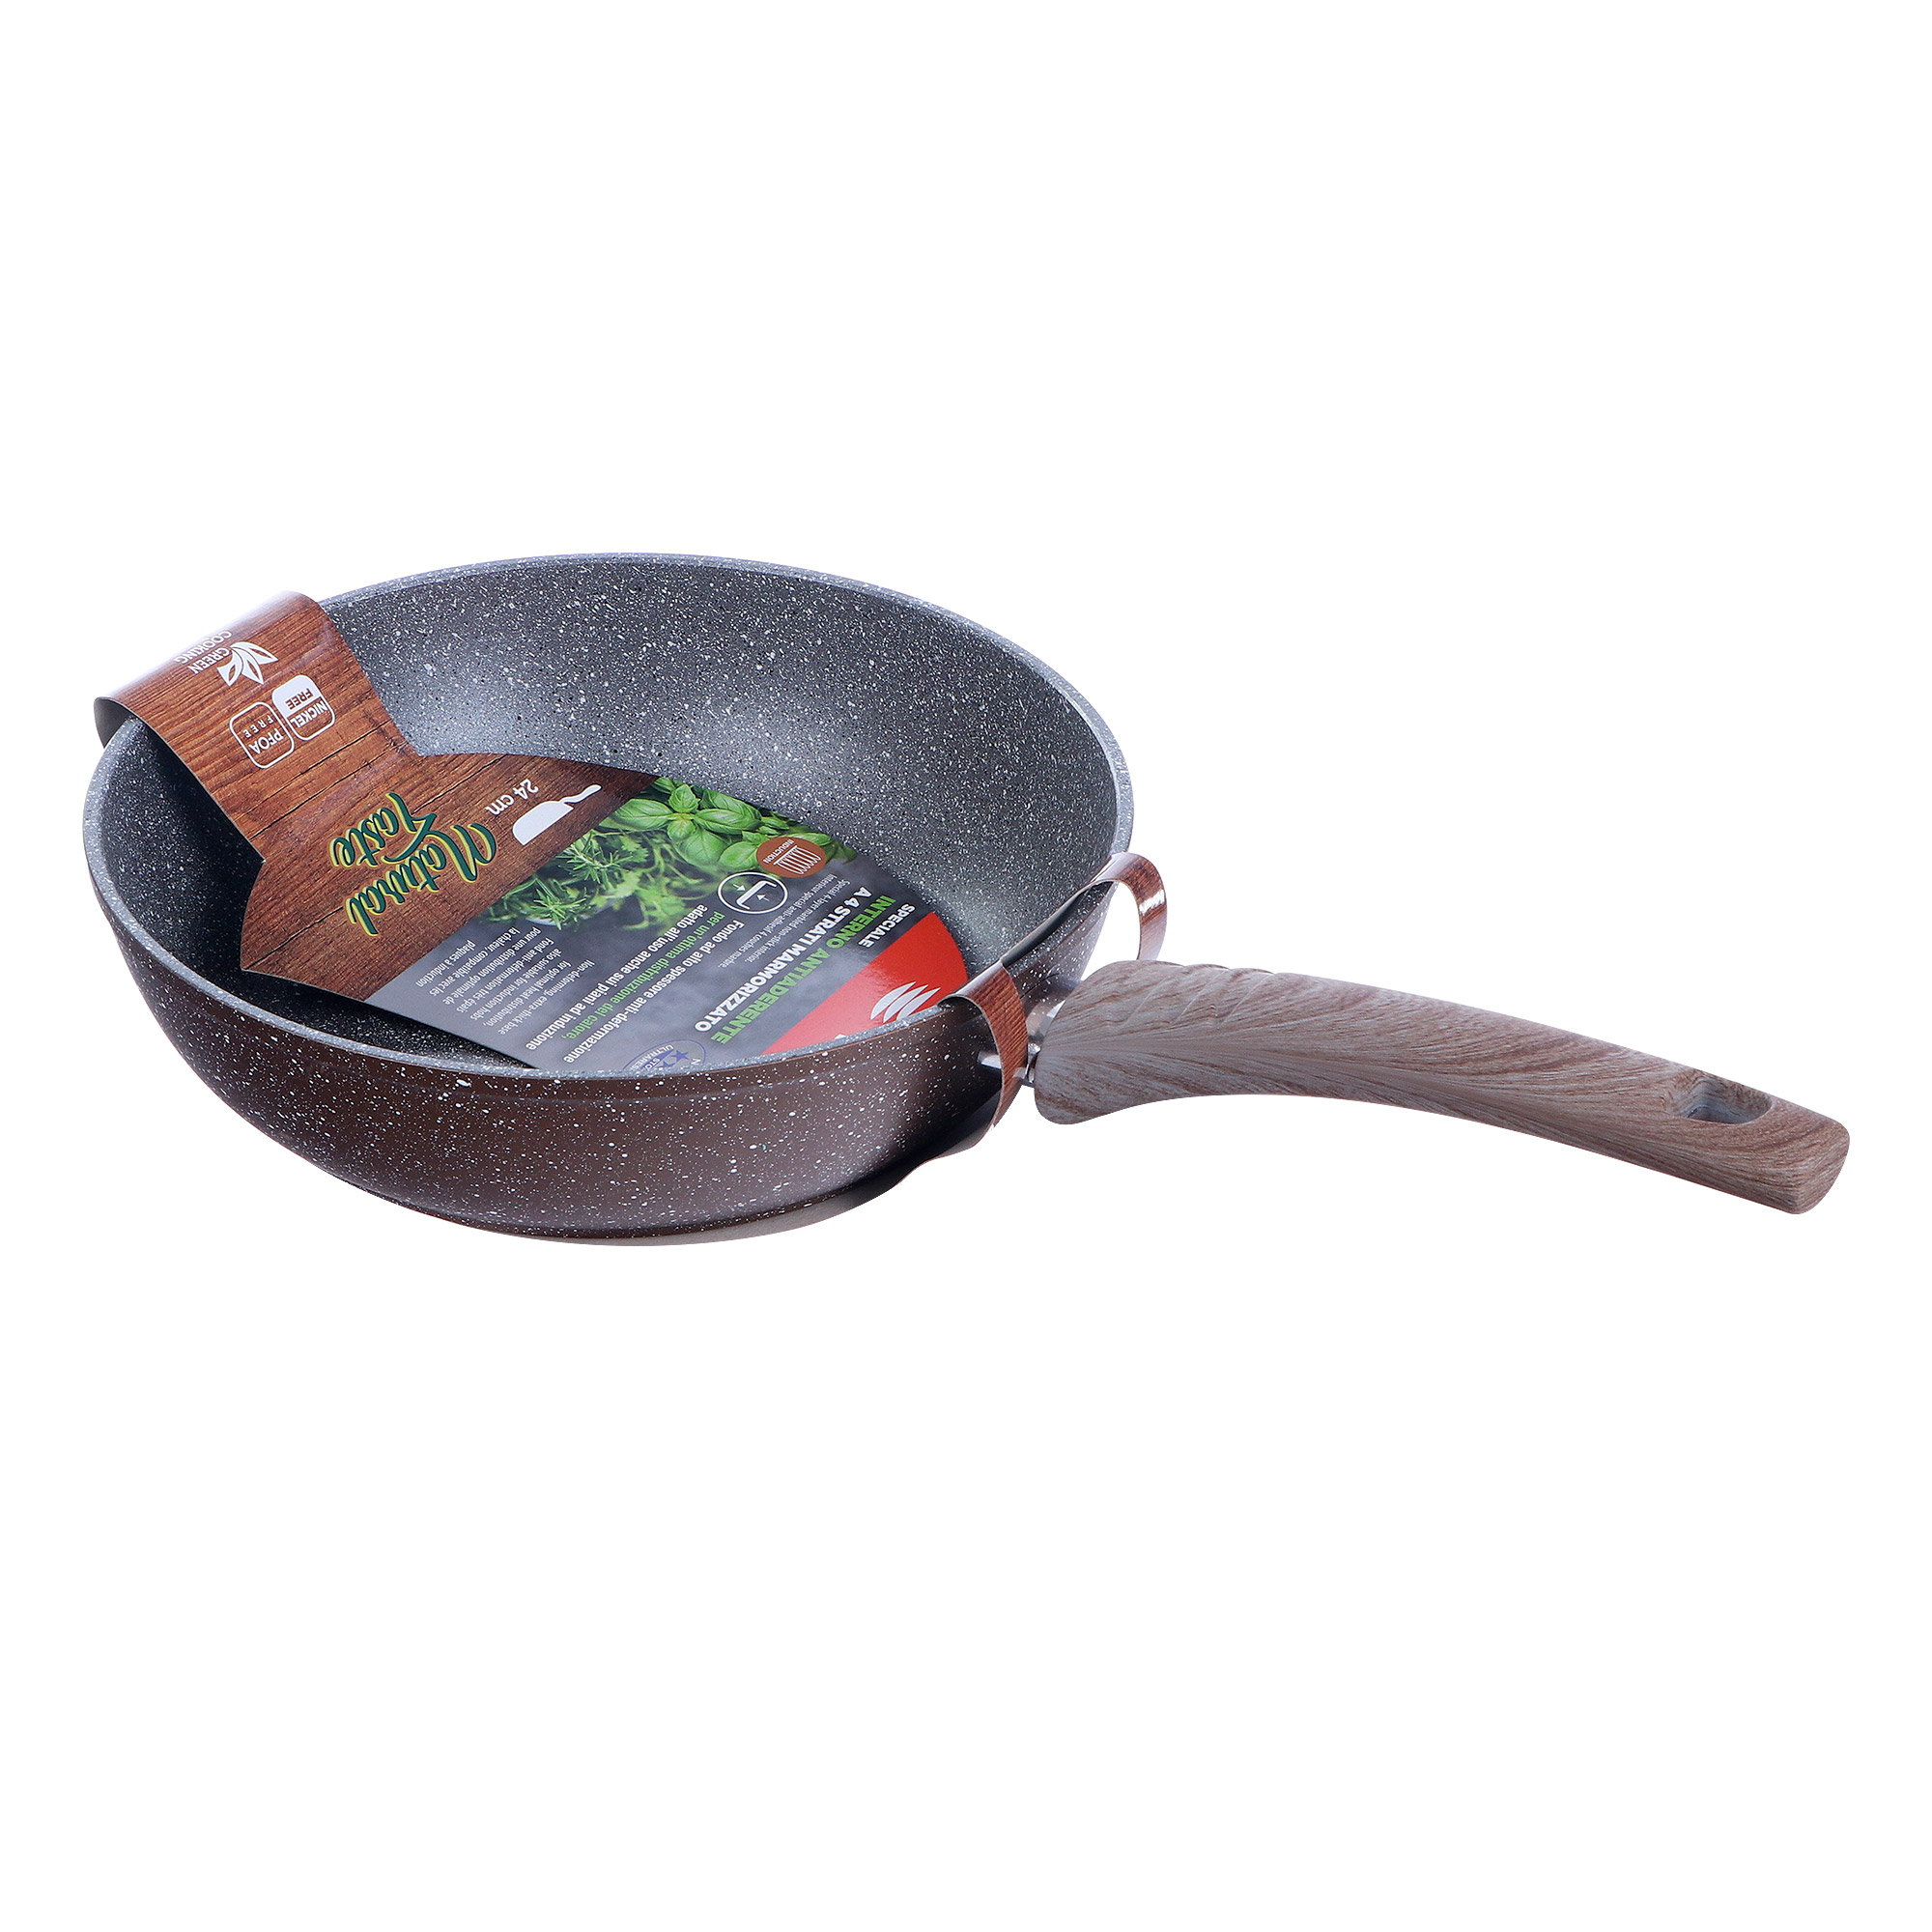 Сковорода глубокая Tognana Grancuci 24 см фото